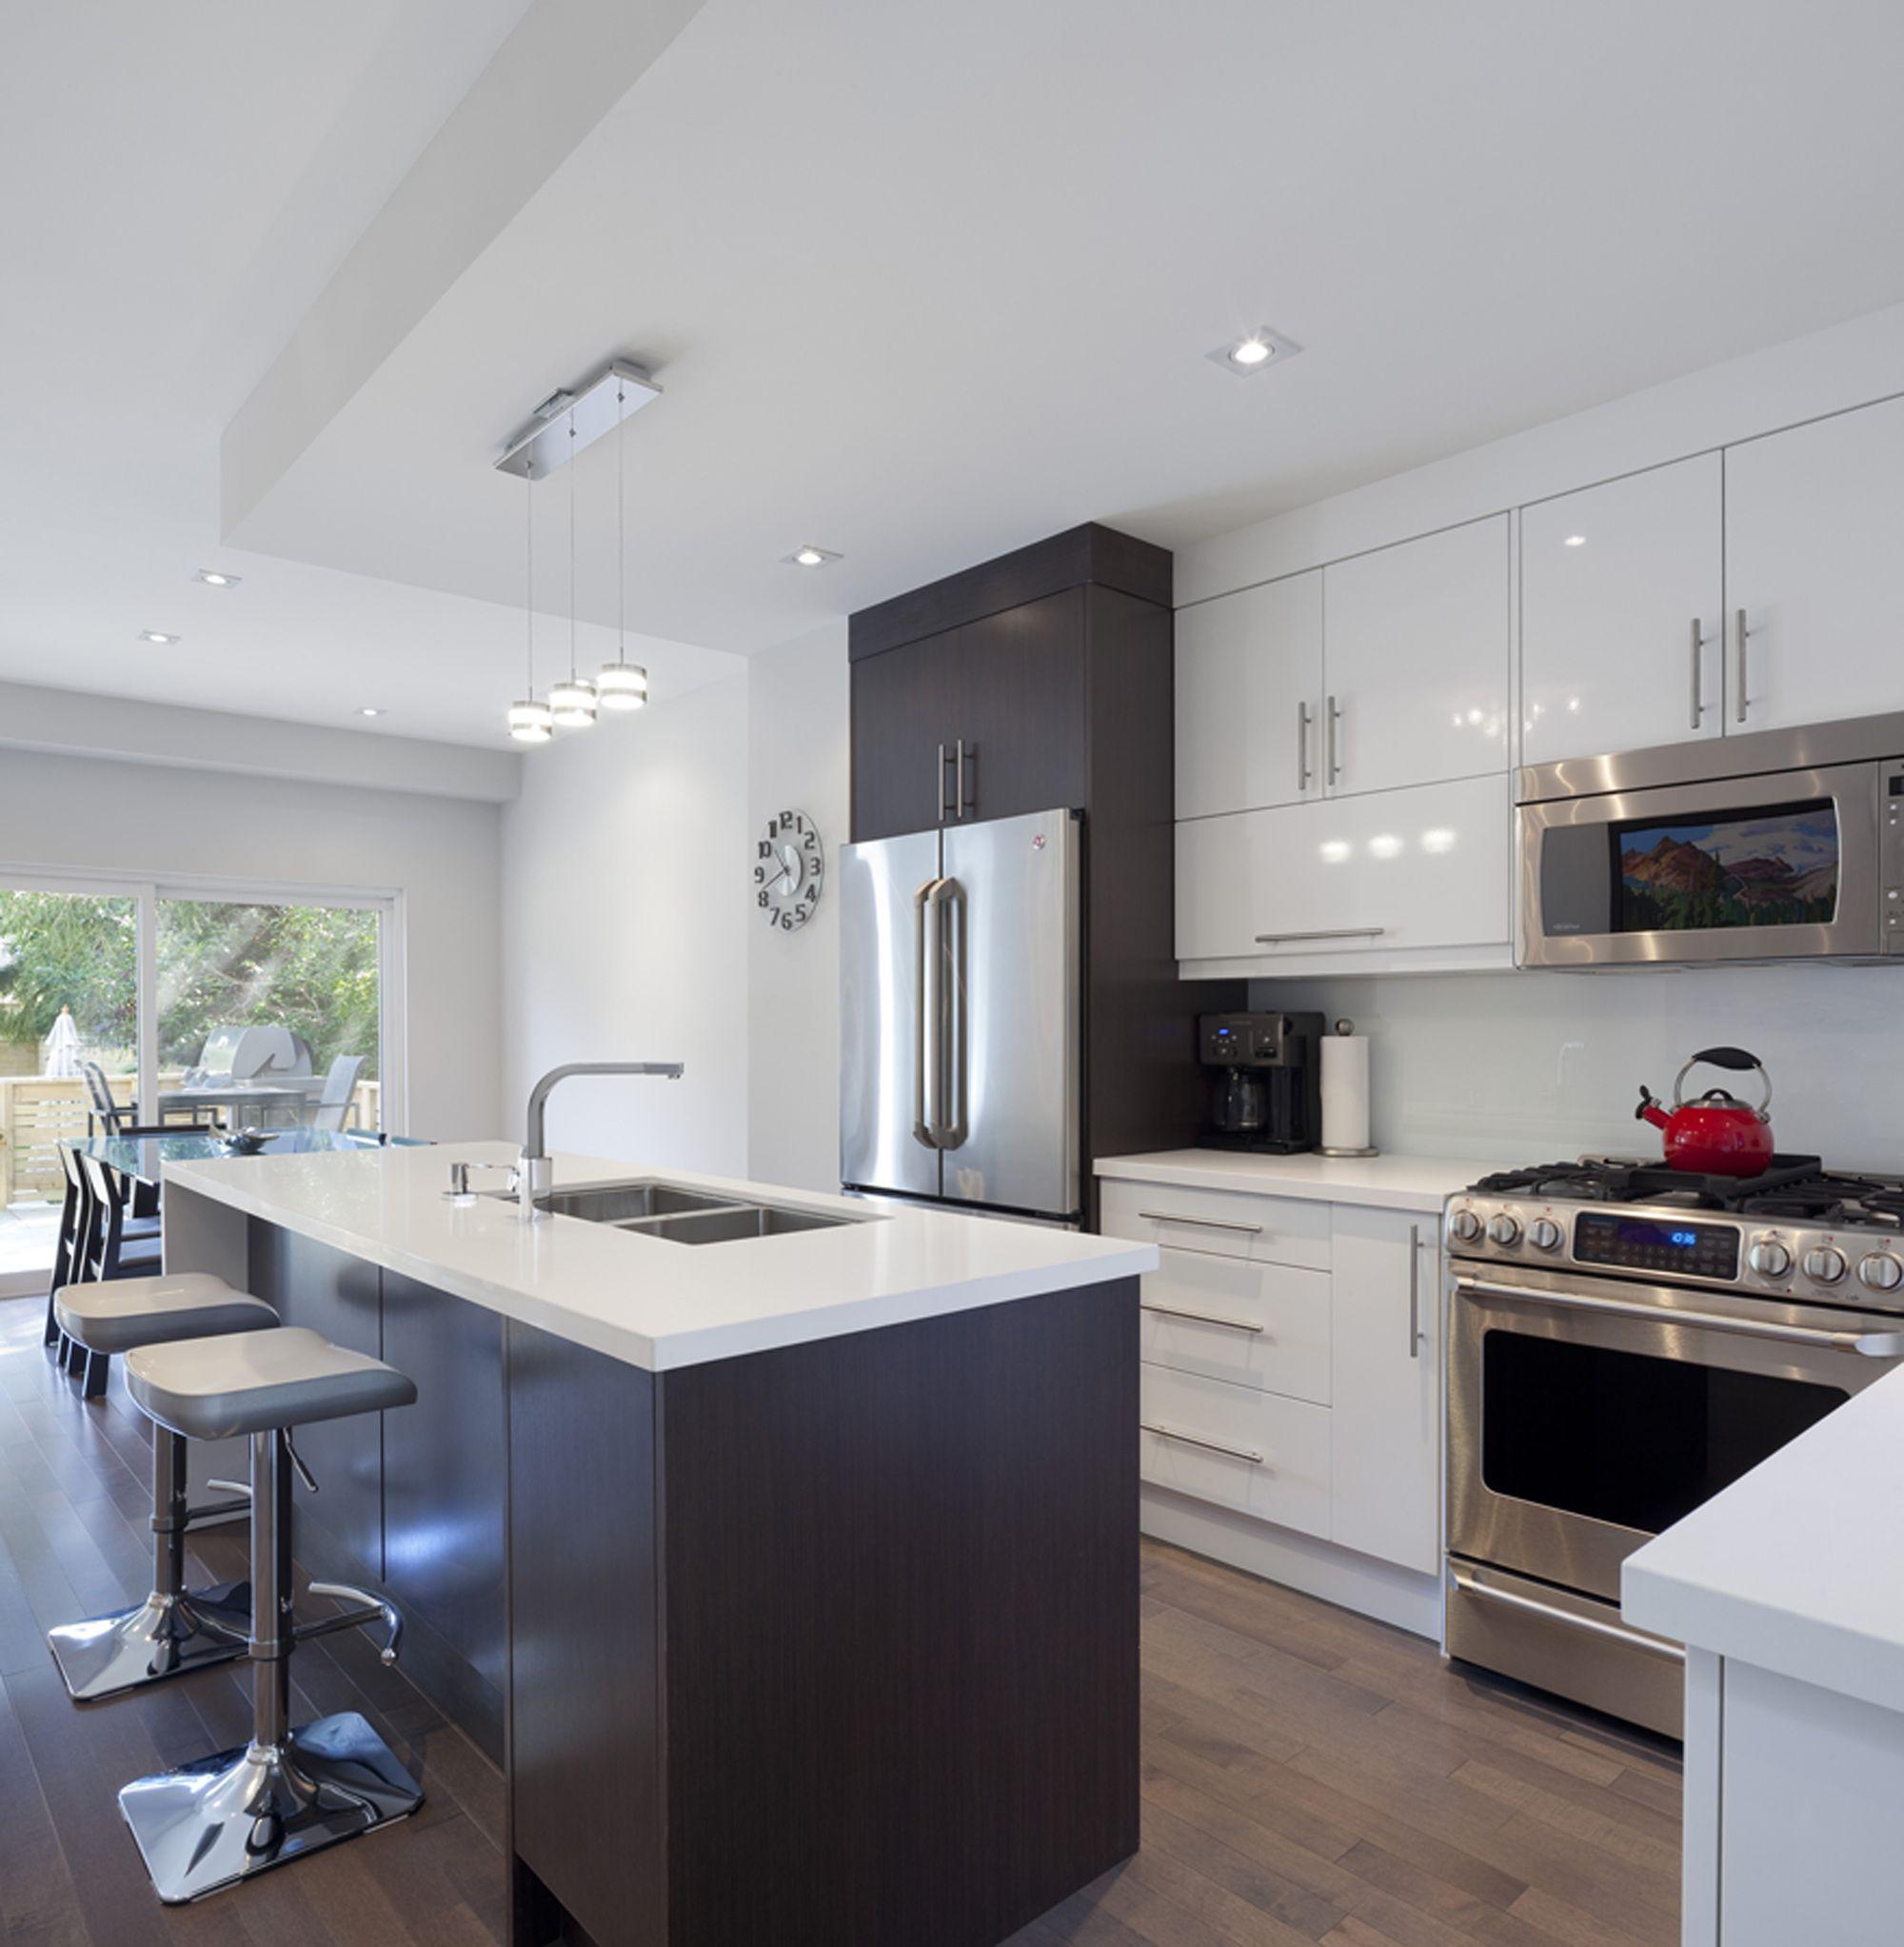 La Casa Lineal Green Dot Architects Kitchen Design Kitchen Remodel Kitchen Decor